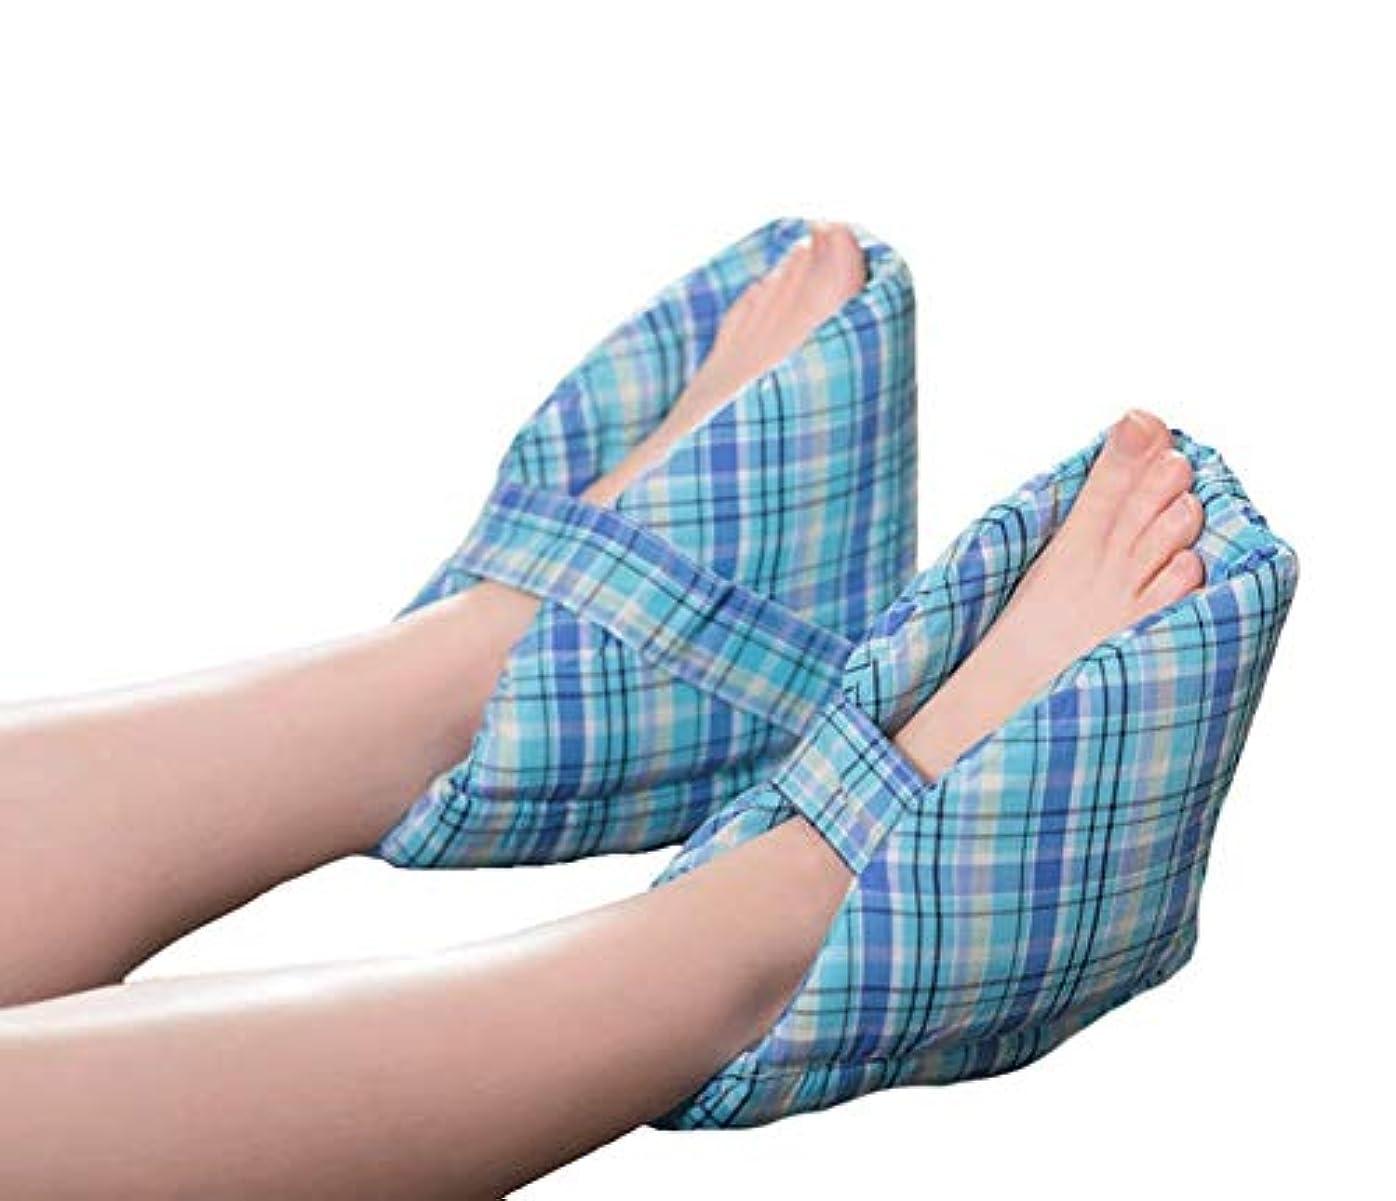 反発する機会卑しいかかとプロテクター枕、足補正カバー、効果的なPressure瘡とかかと潰瘍の救済、腫れた足に最適、快適なかかと保護足枕、1ペア